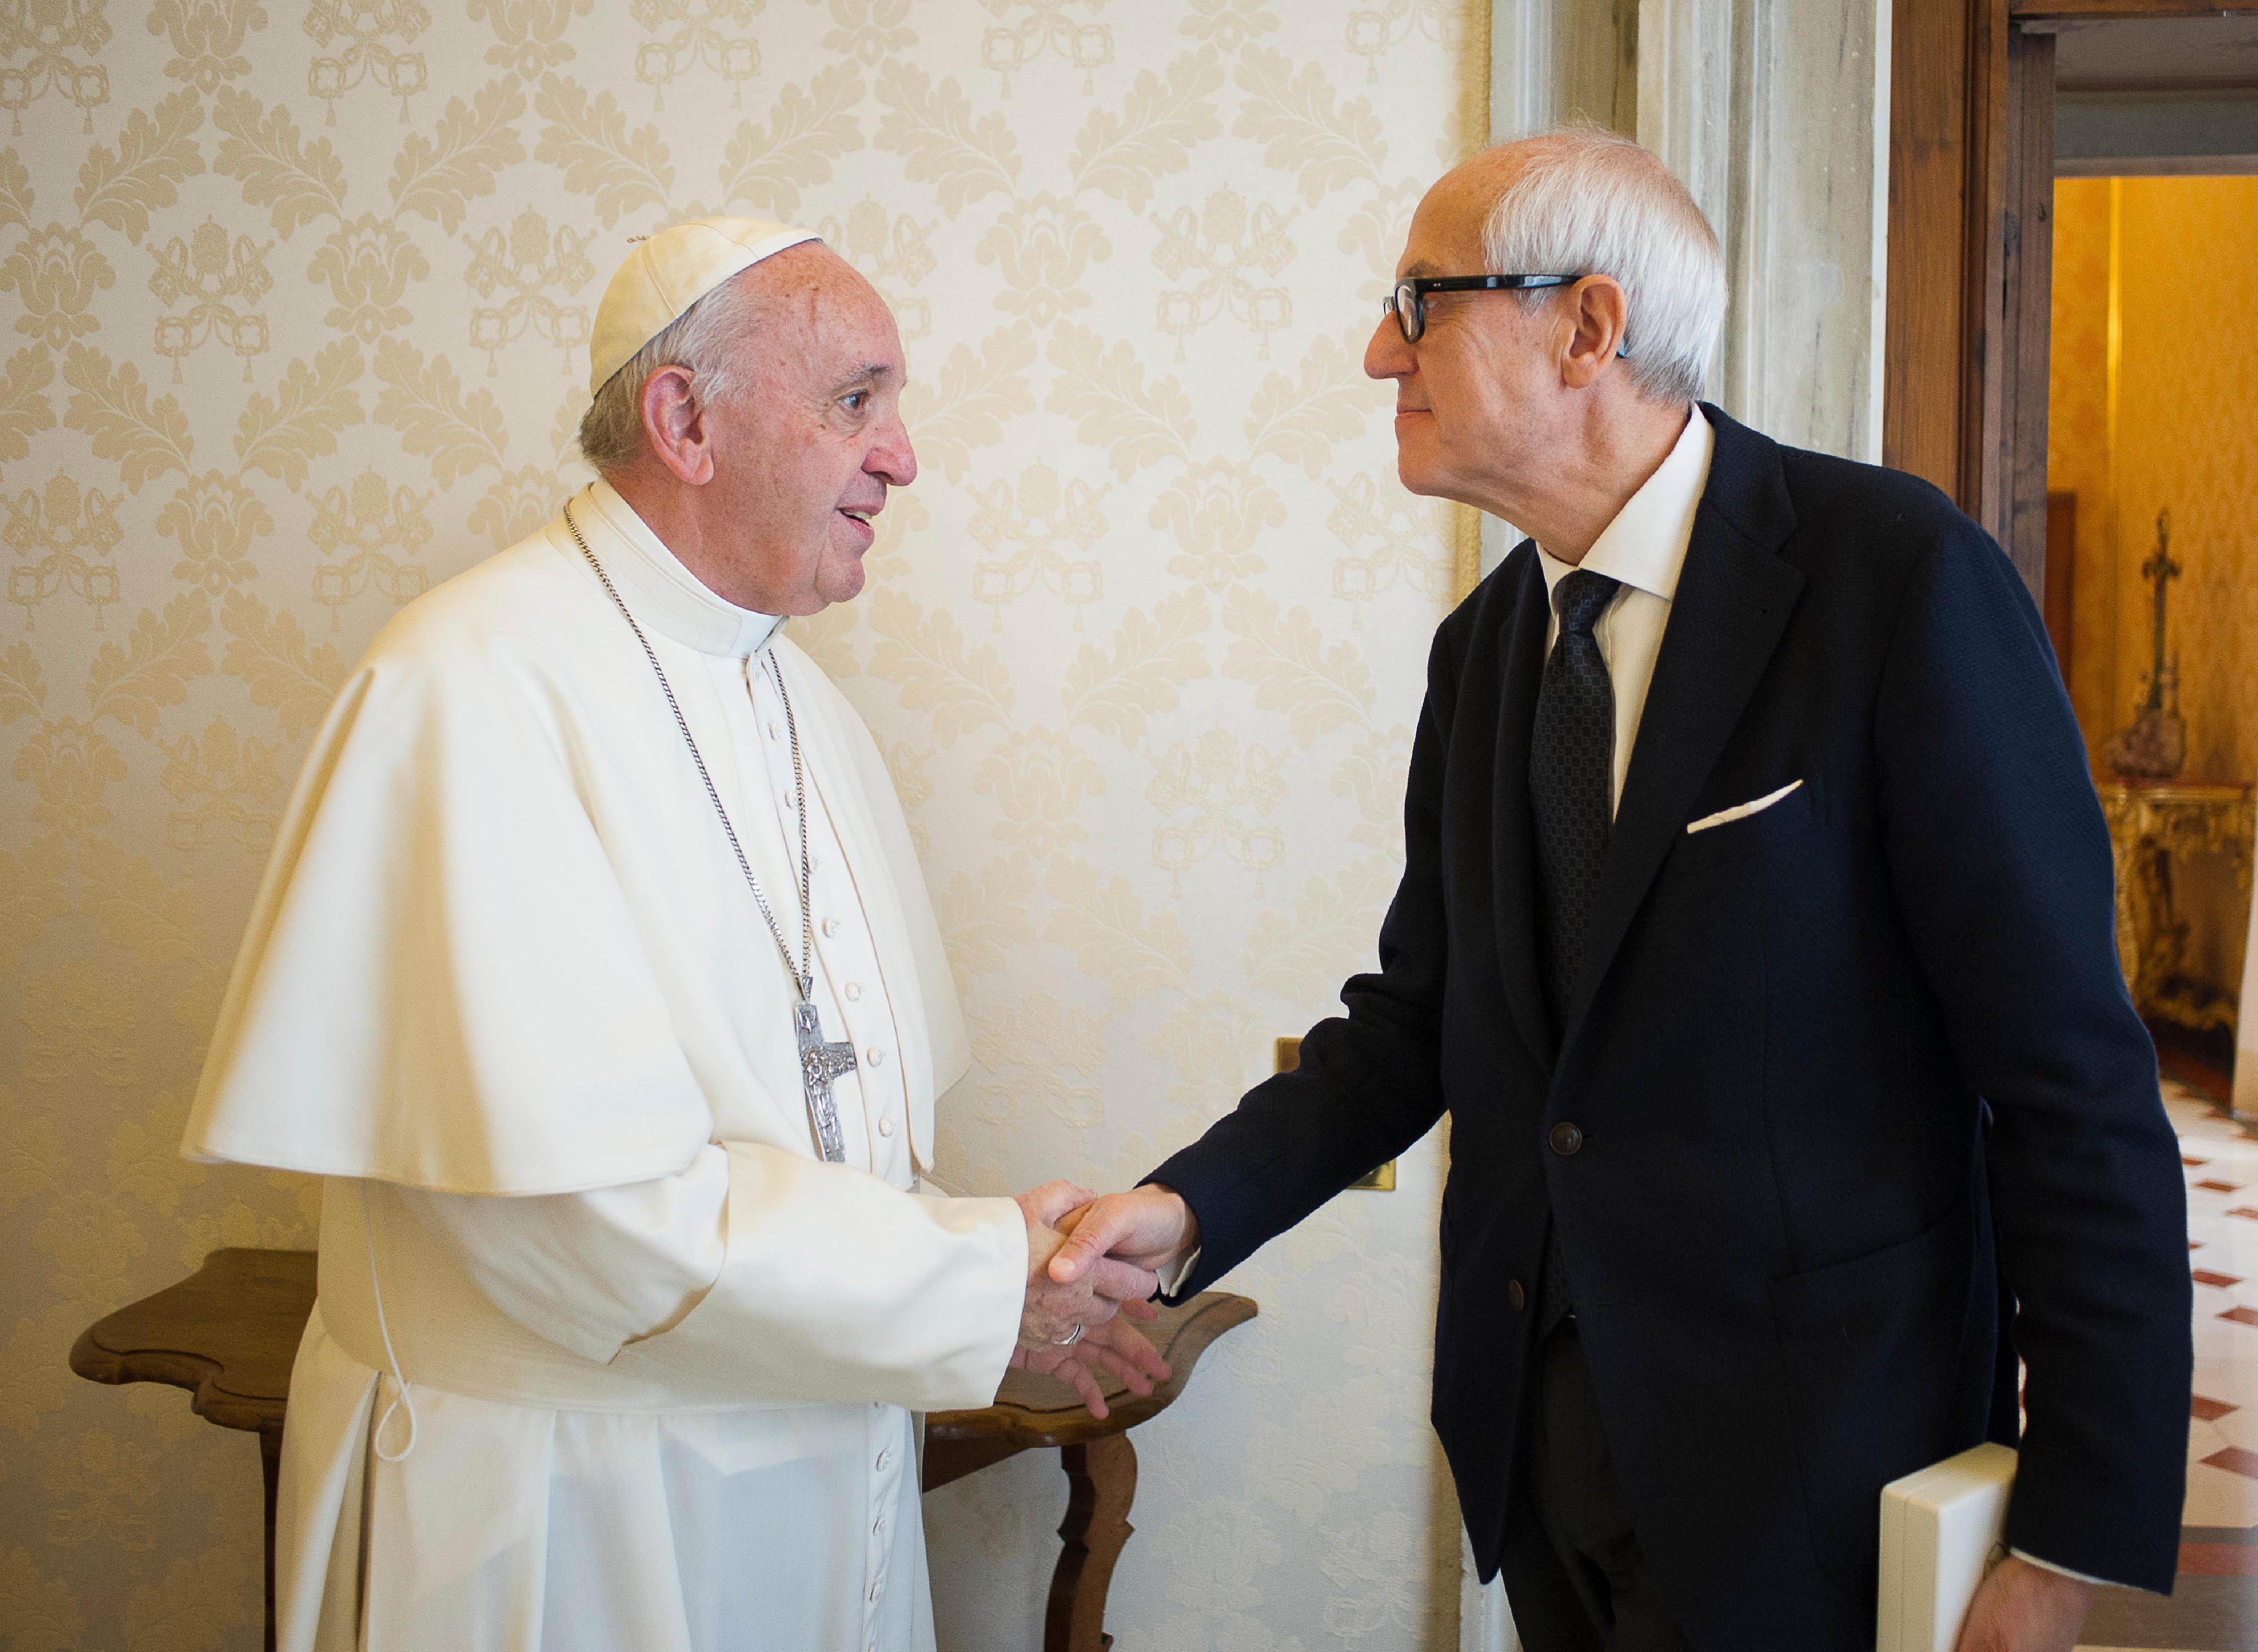 Le commissaire Tronca reçu par le pape François, L'Osservatore Romano